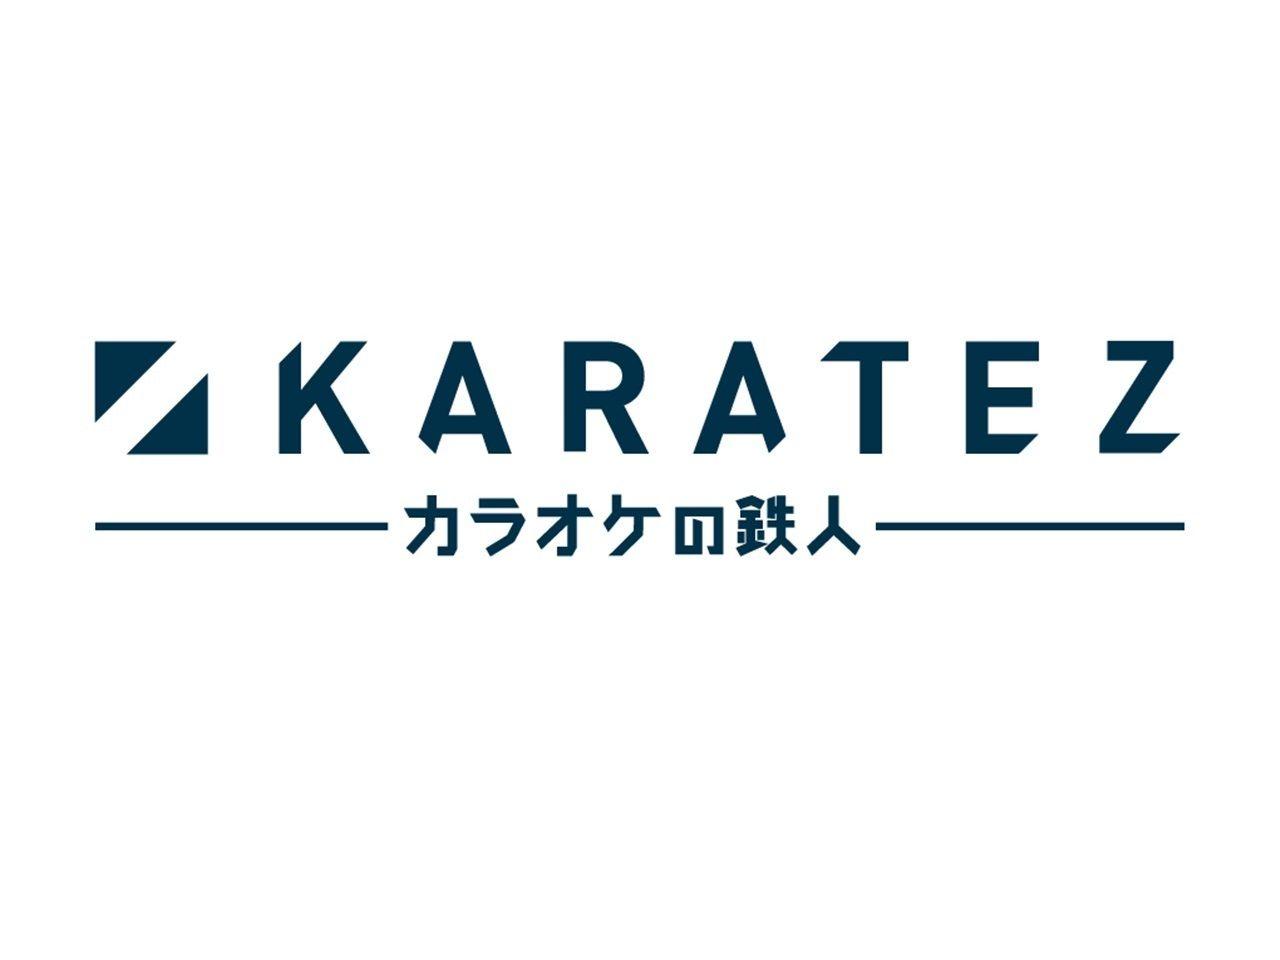 カラオケの鉄人 - 武蔵小杉店